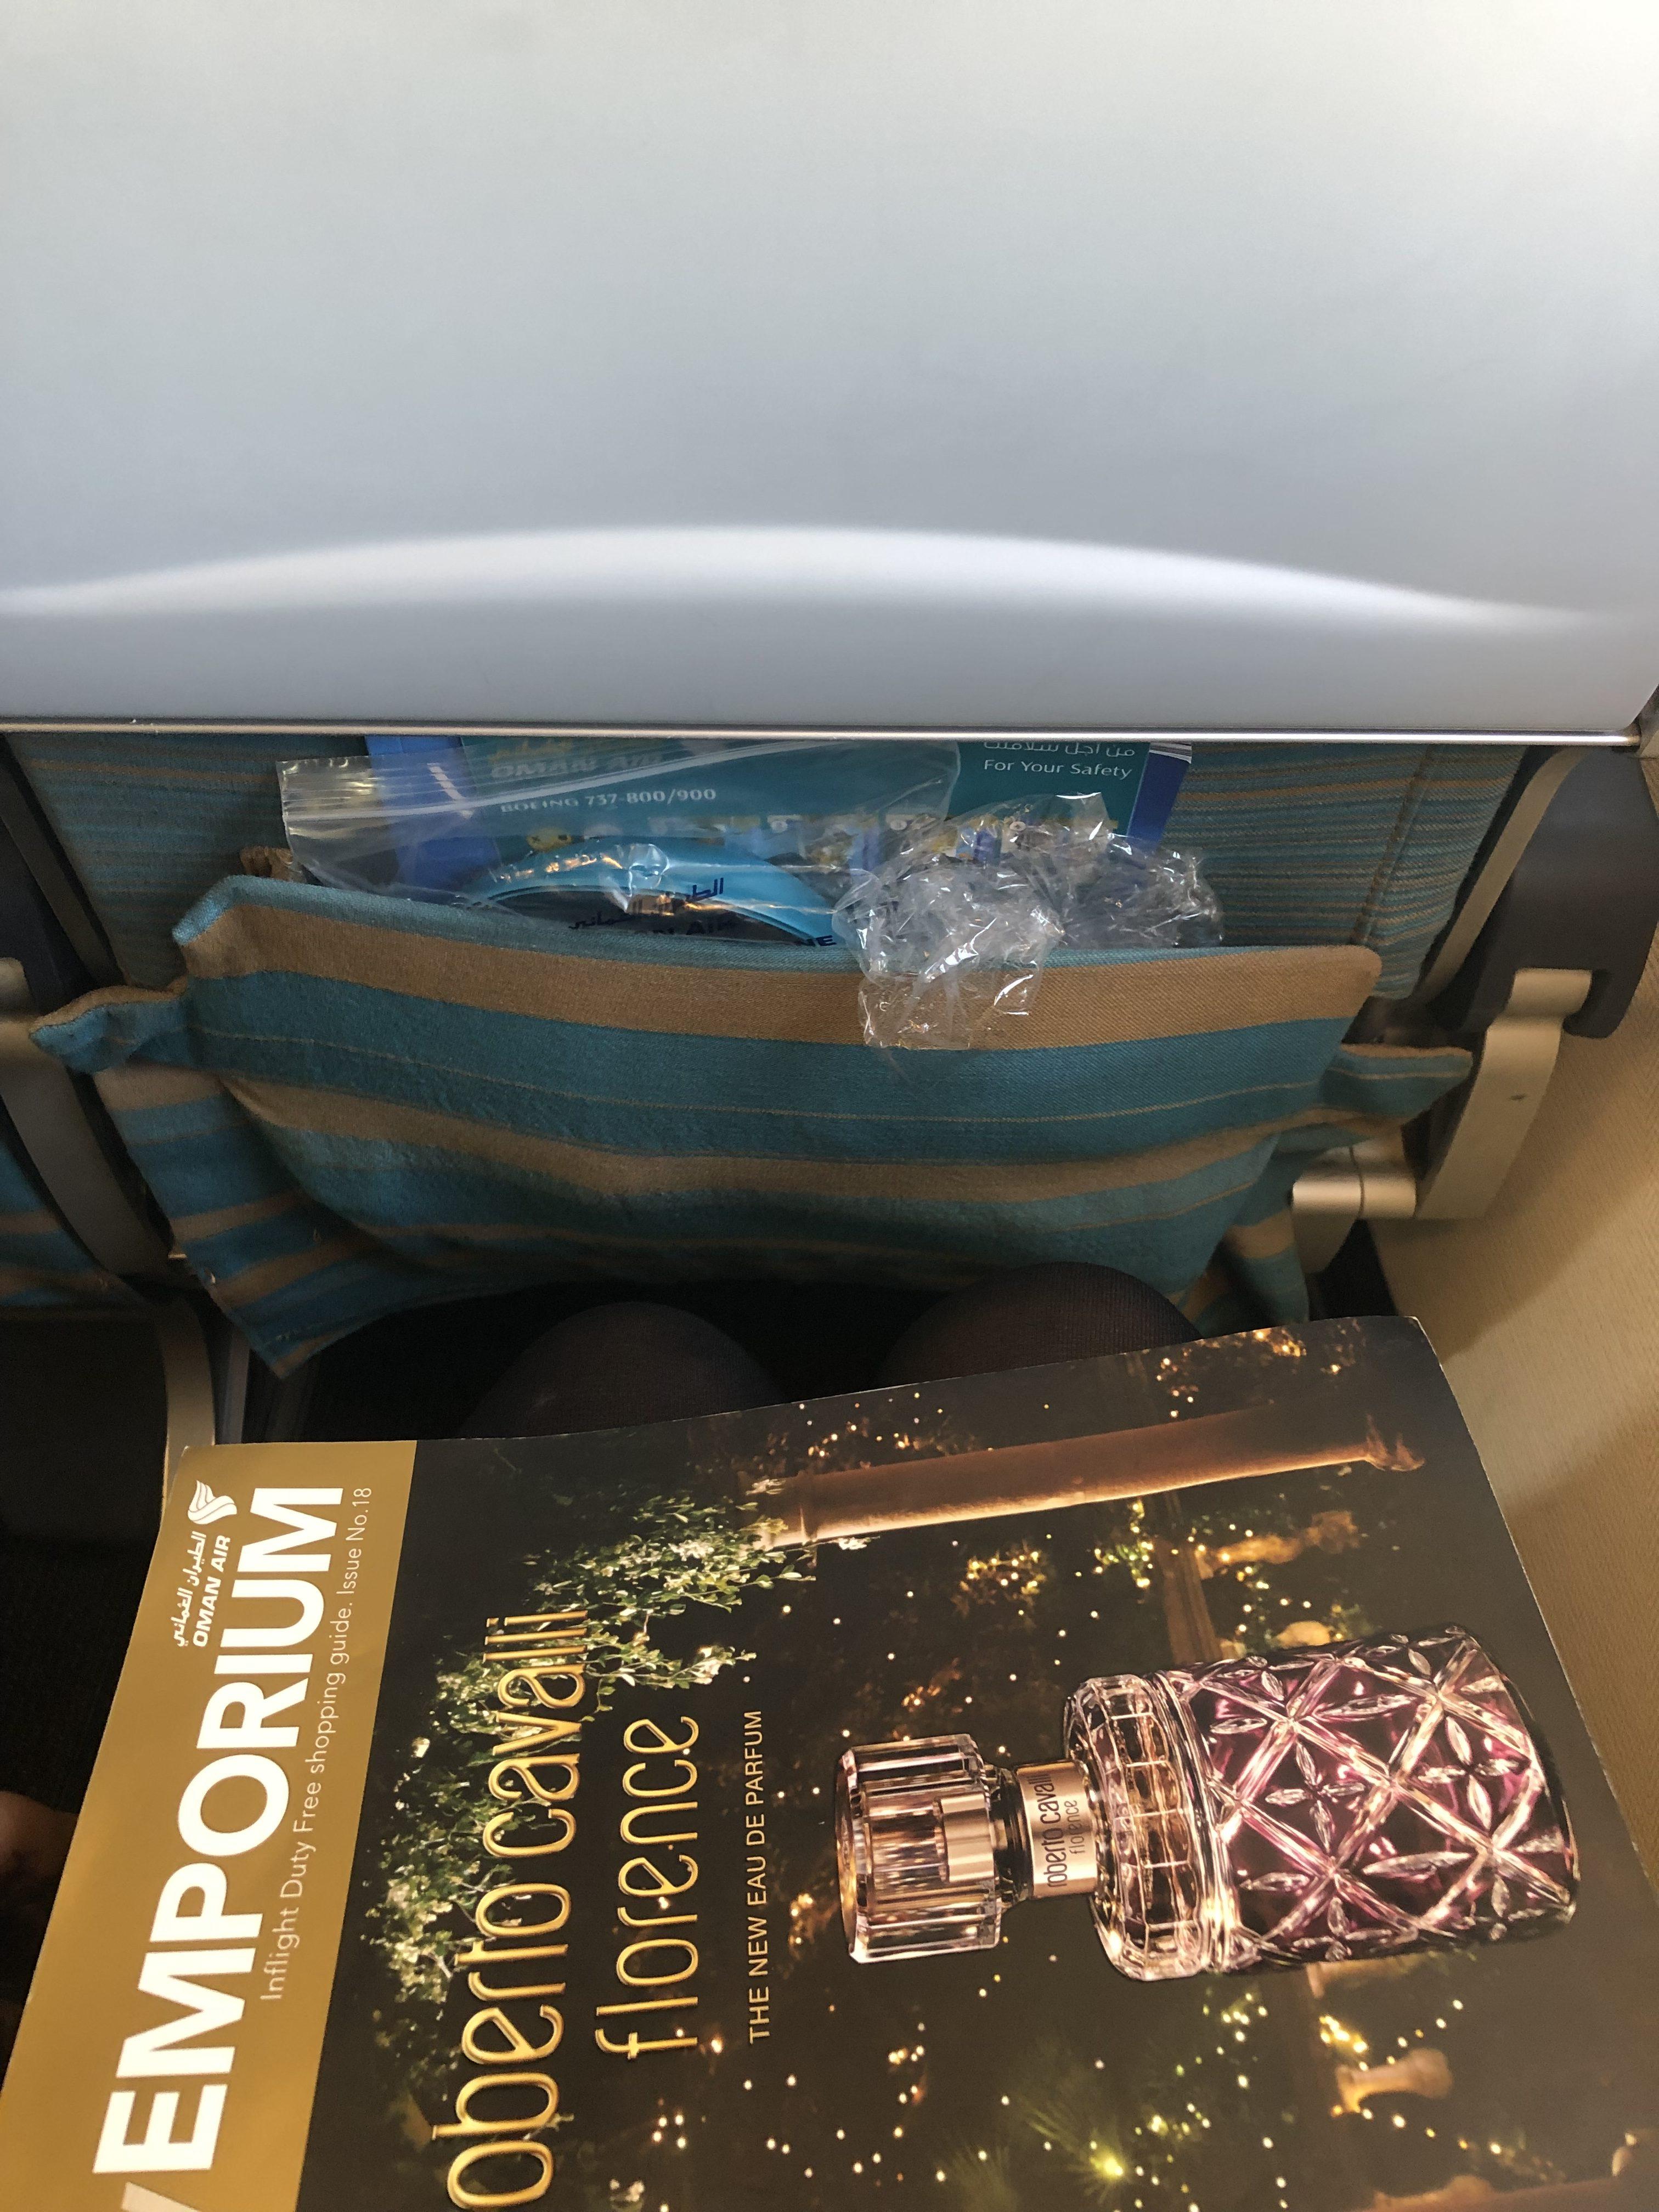 Oman Air Customer Reviews | SKYTRAX